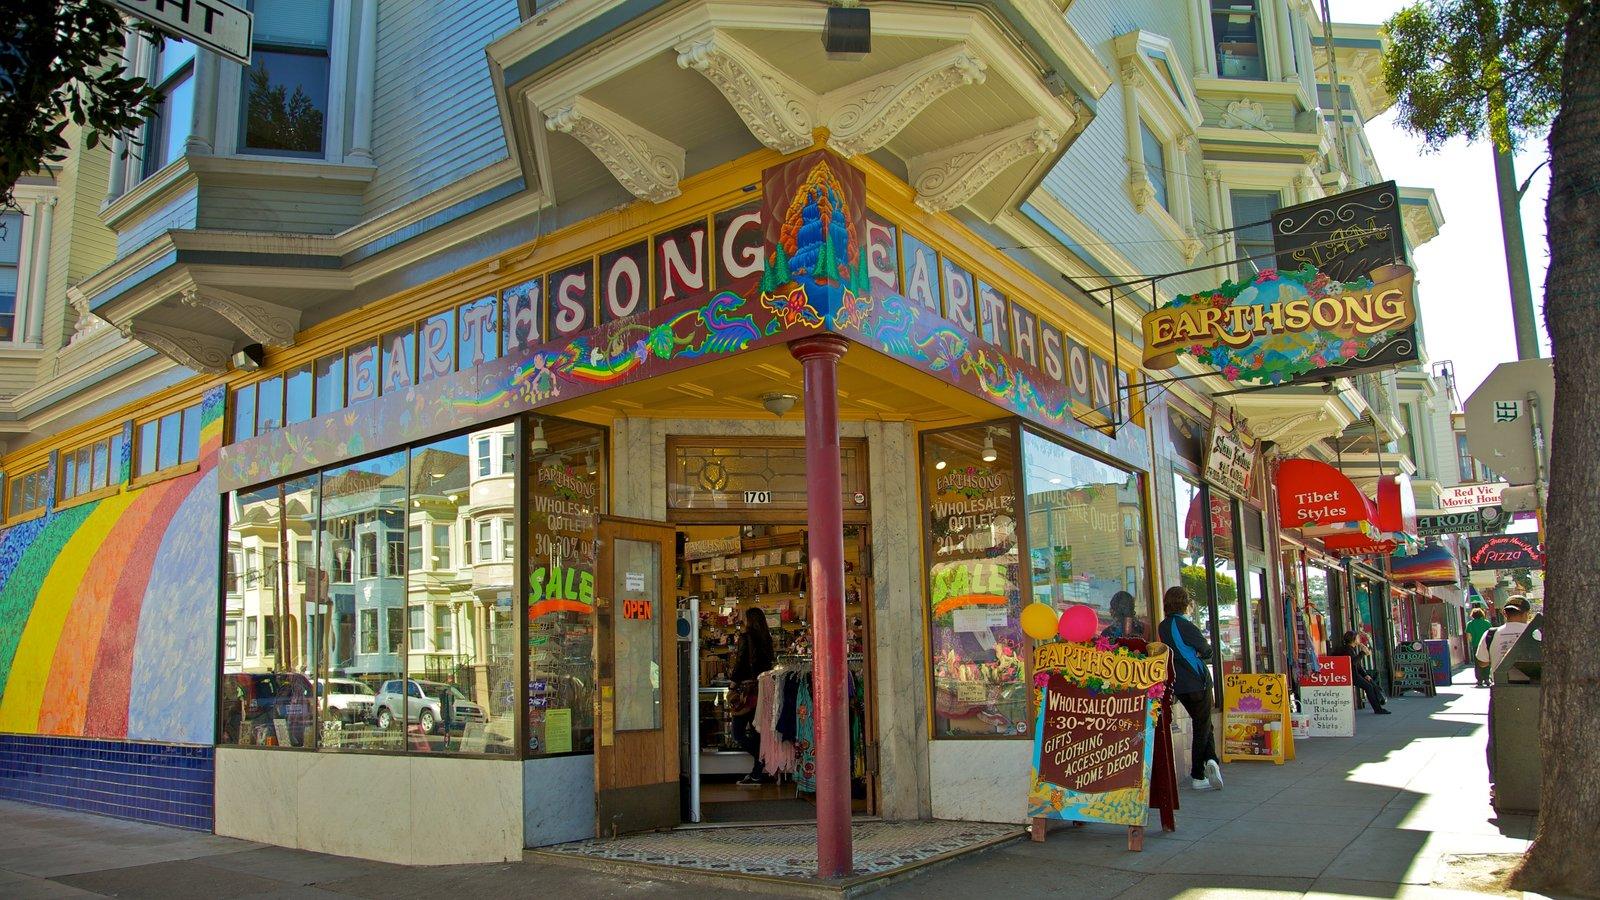 Haight-Ashbury mostrando compras e sinalização